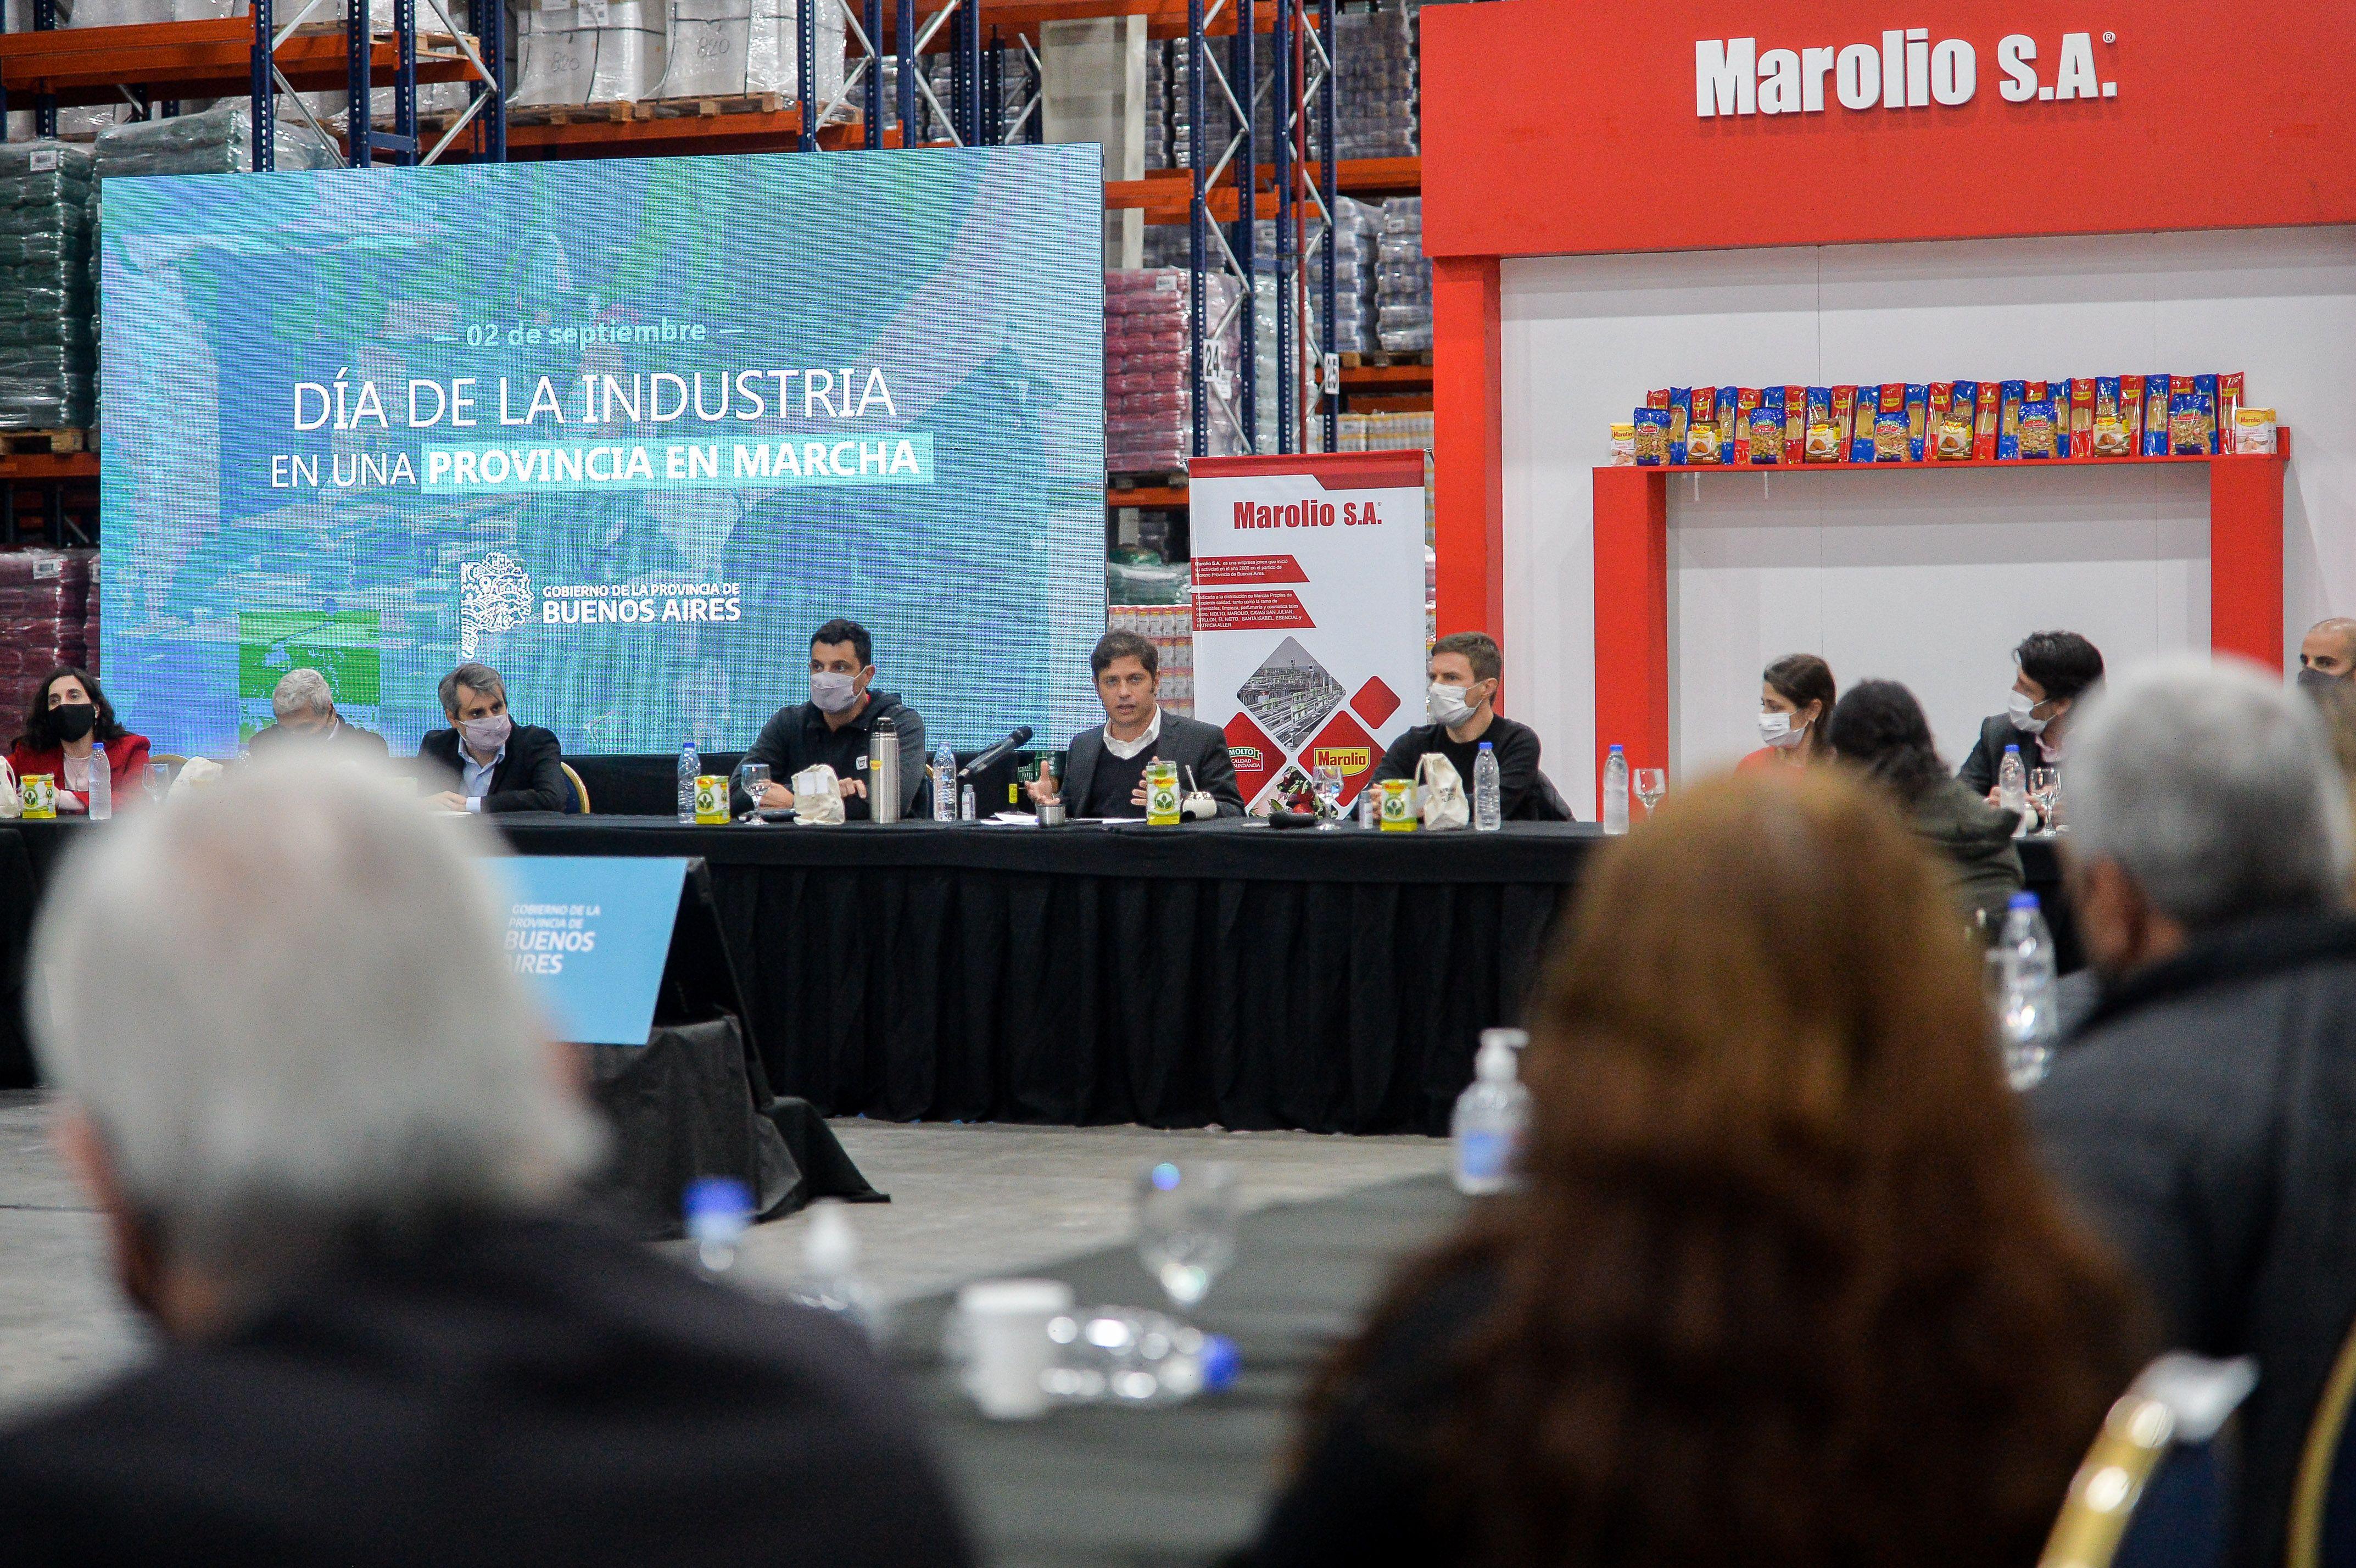 Axel Kicillof celebró el día de la industria en Marolio